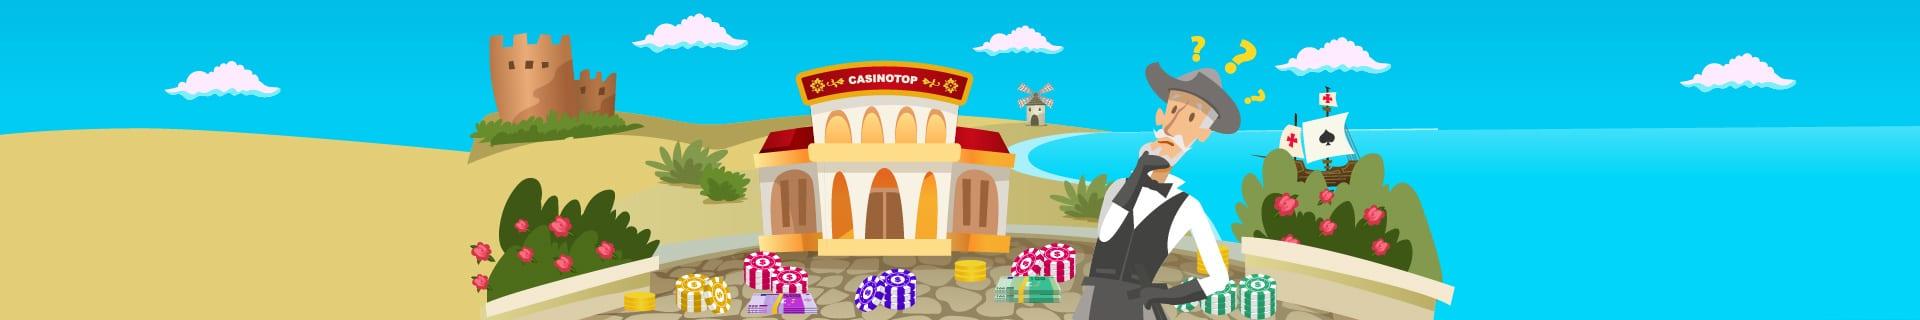 Selección de casino legales reseñas